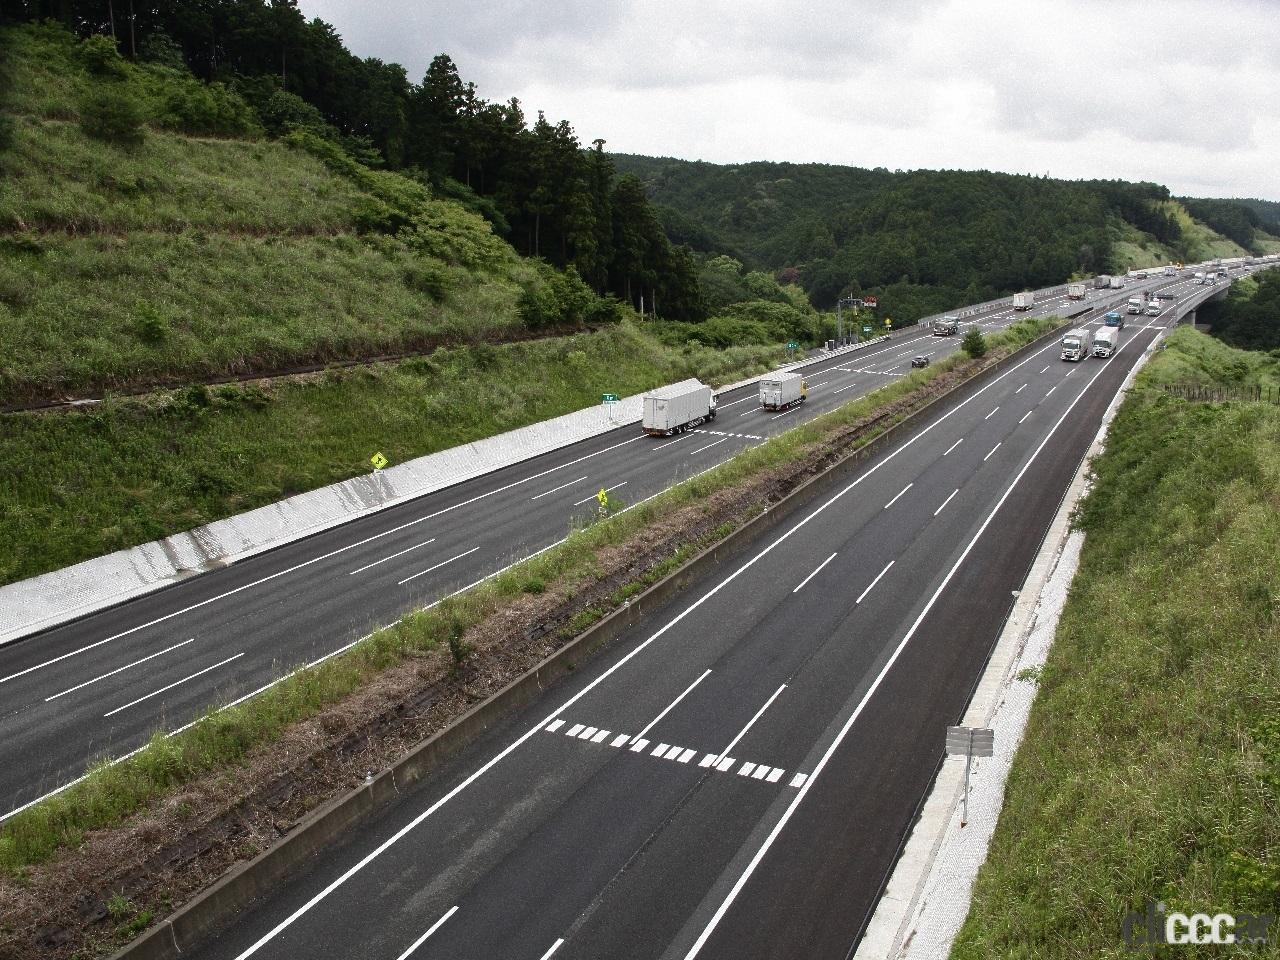 「日本の高速道路はたった4つ? 高速道路と自動車専用道路は違っていた!」の5枚目の画像